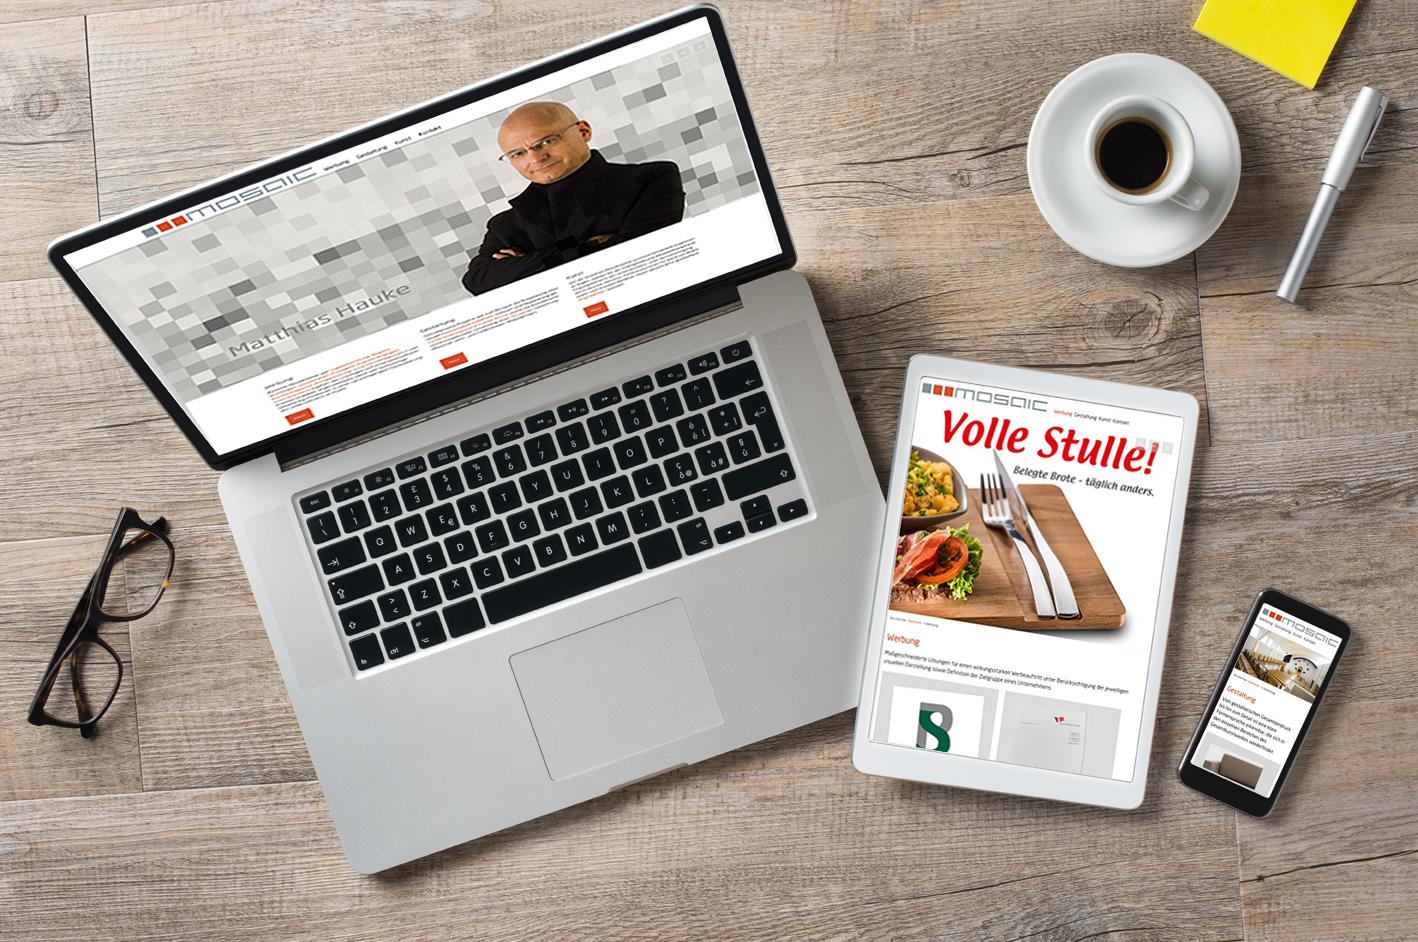 Werbeagentur mosaic - Internetauftritt